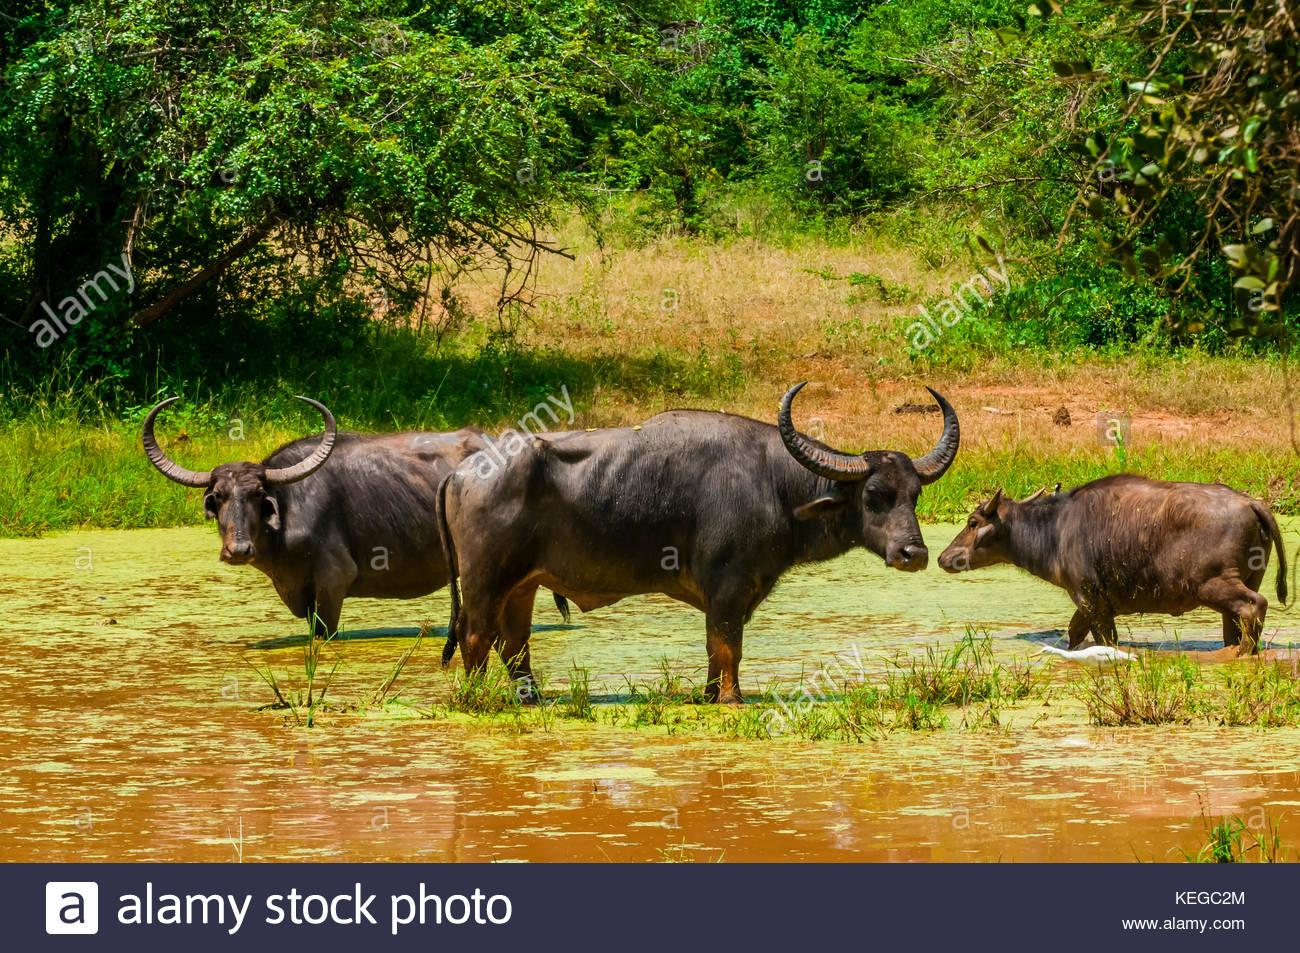 Búfalos salvajes, el Parque Nacional de Yala, la provincia meridional de Sri Lanka. Imagen De Stock